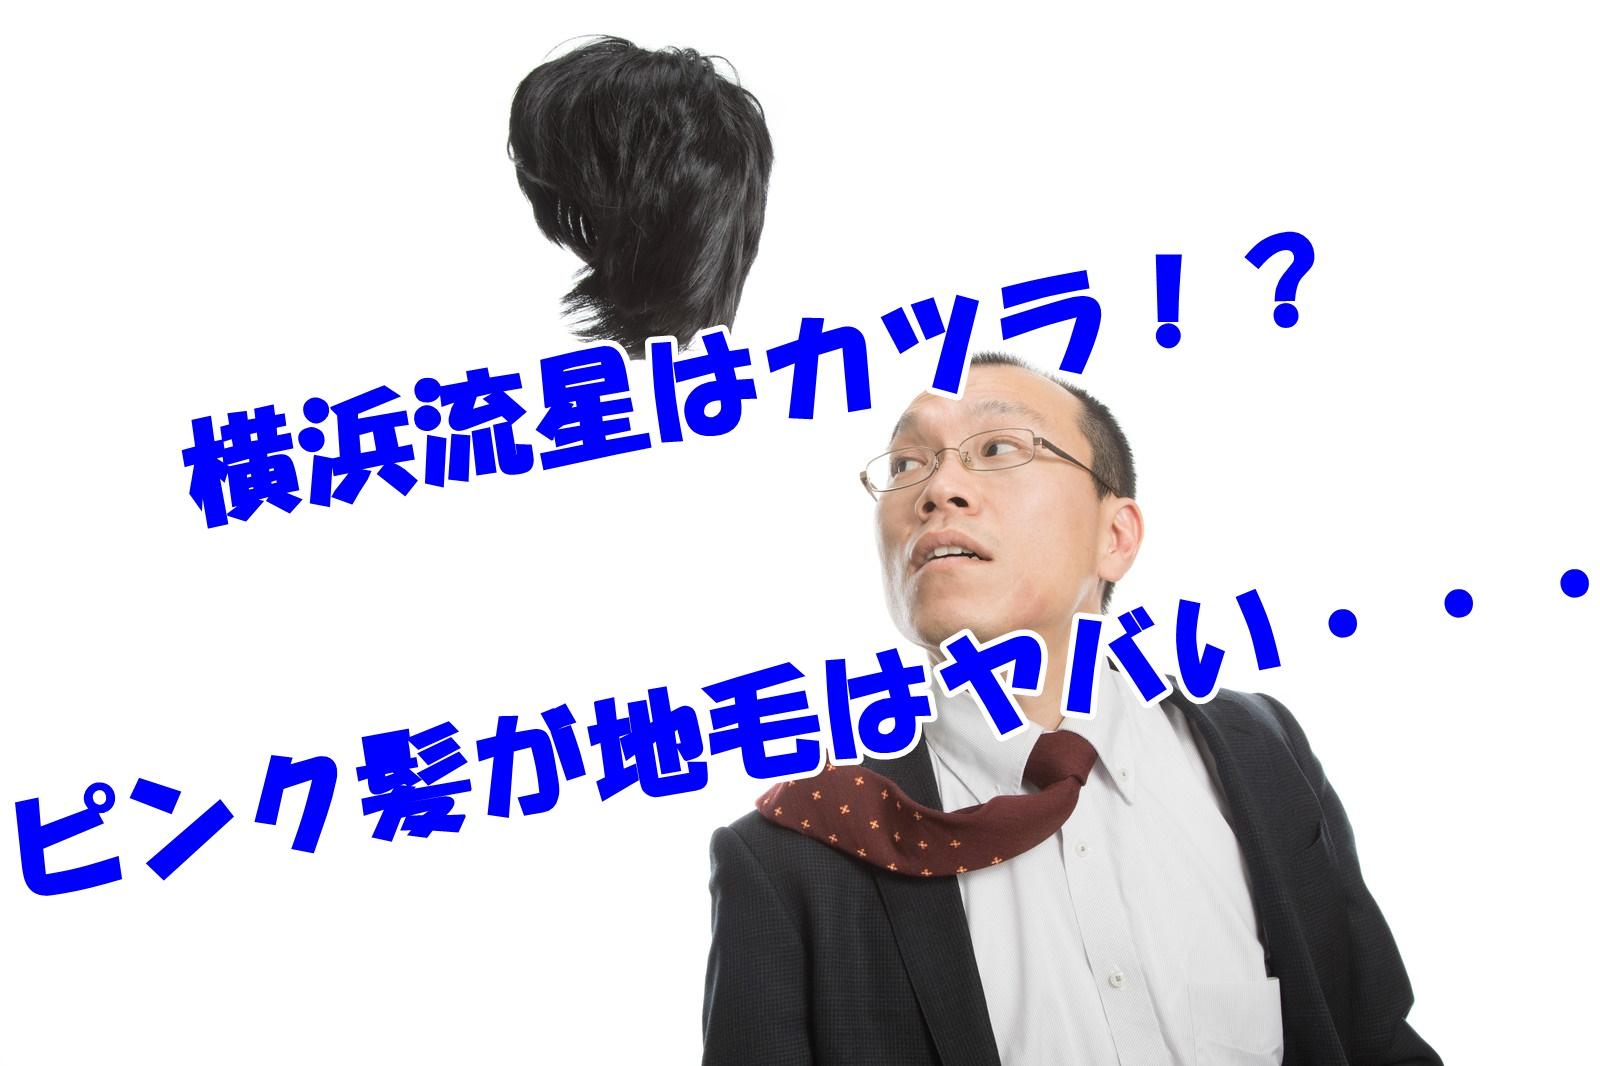 横浜流星のピンク髪はカツラ?それとも地毛?カツラが飛んでいく!